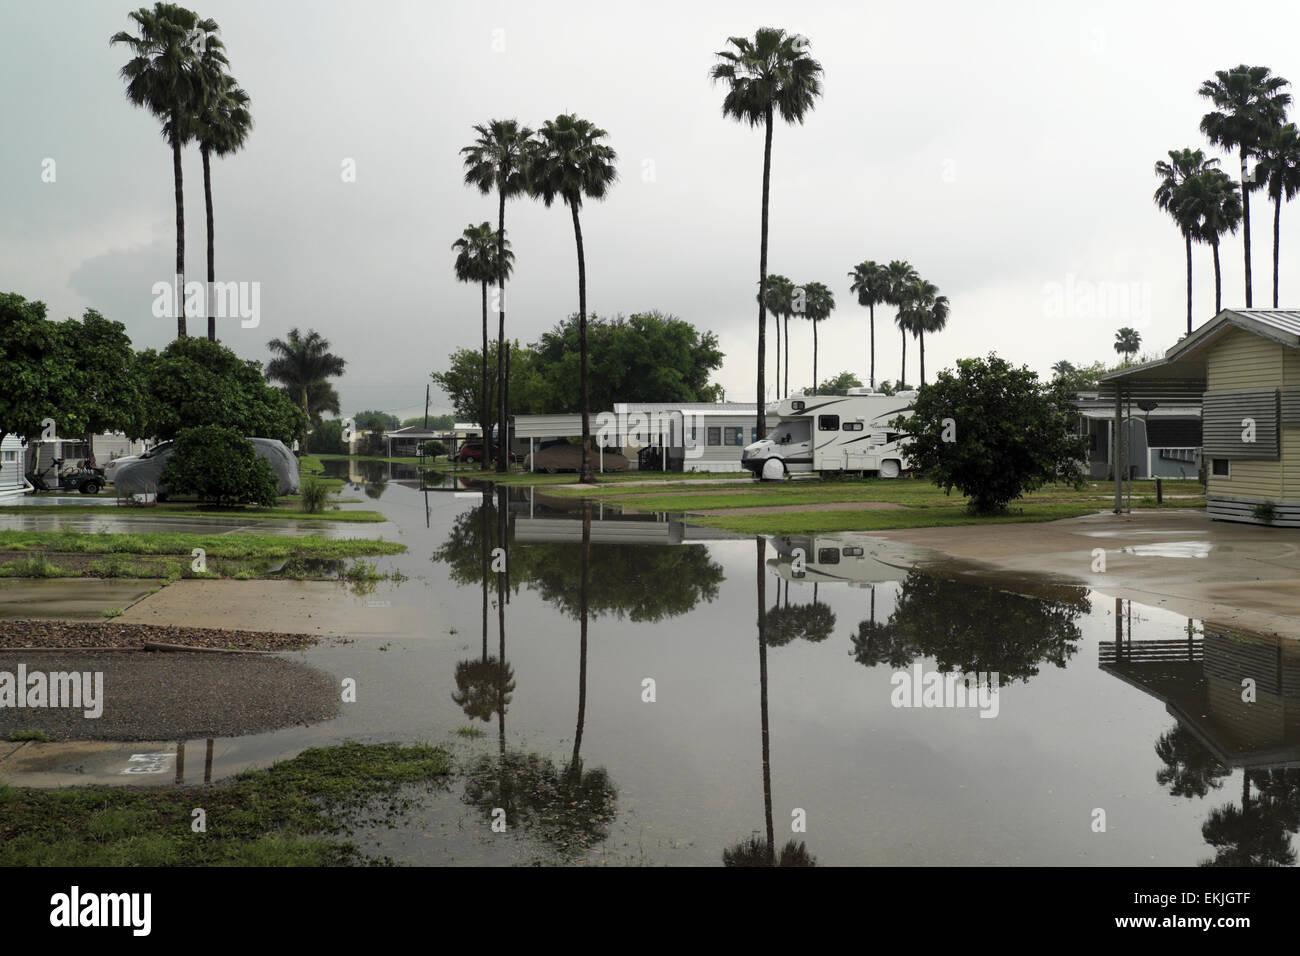 Abril inundaciones en una casa móvil/Parque de RV en misión, Texas, EE.UU. Imagen De Stock